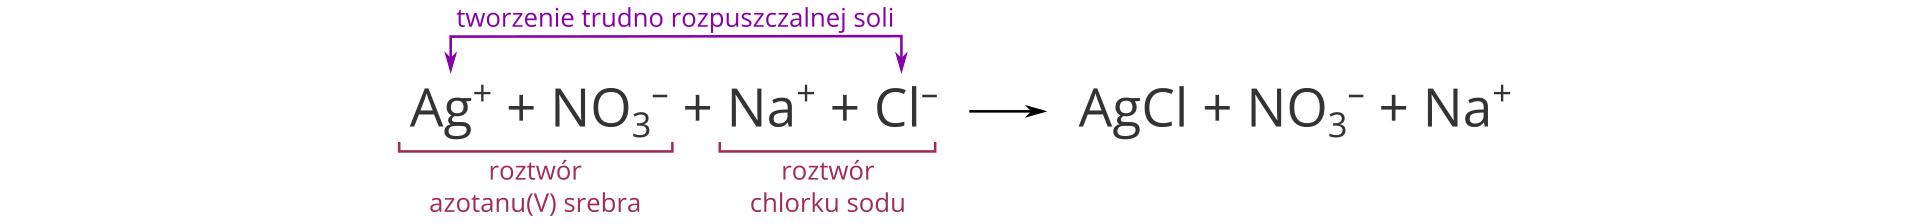 Ilustracja zawiera zapis jonowy reakcji strącania wraz zobjaśnieniem słownym. Ma postać Ag plus oraz NO3 minus iNa plus oraz Cl minus reagują ze sobą tworząc sól AgCl oraz jony NO3 minus iNa plus. Nad zapisem jony Ag plus oraz Cl minus po lewej stronie równania spięte są fioletową klamrą iopatrzone komentarzem Tworzenie trudno rozpuszczalnej soli. Zkolei pod zapisem sąsiadujące ze sobą po lewej stronie równania jony Ag plus oraz NO3 minus spięte są czerwoną klamrą ipodpisane Roztwór azotanu pięć srebra, aobok jony Na plus oraz Cl minus spięte są czerwoną klamrą ipodpisane Roztwór chlorku sodu.